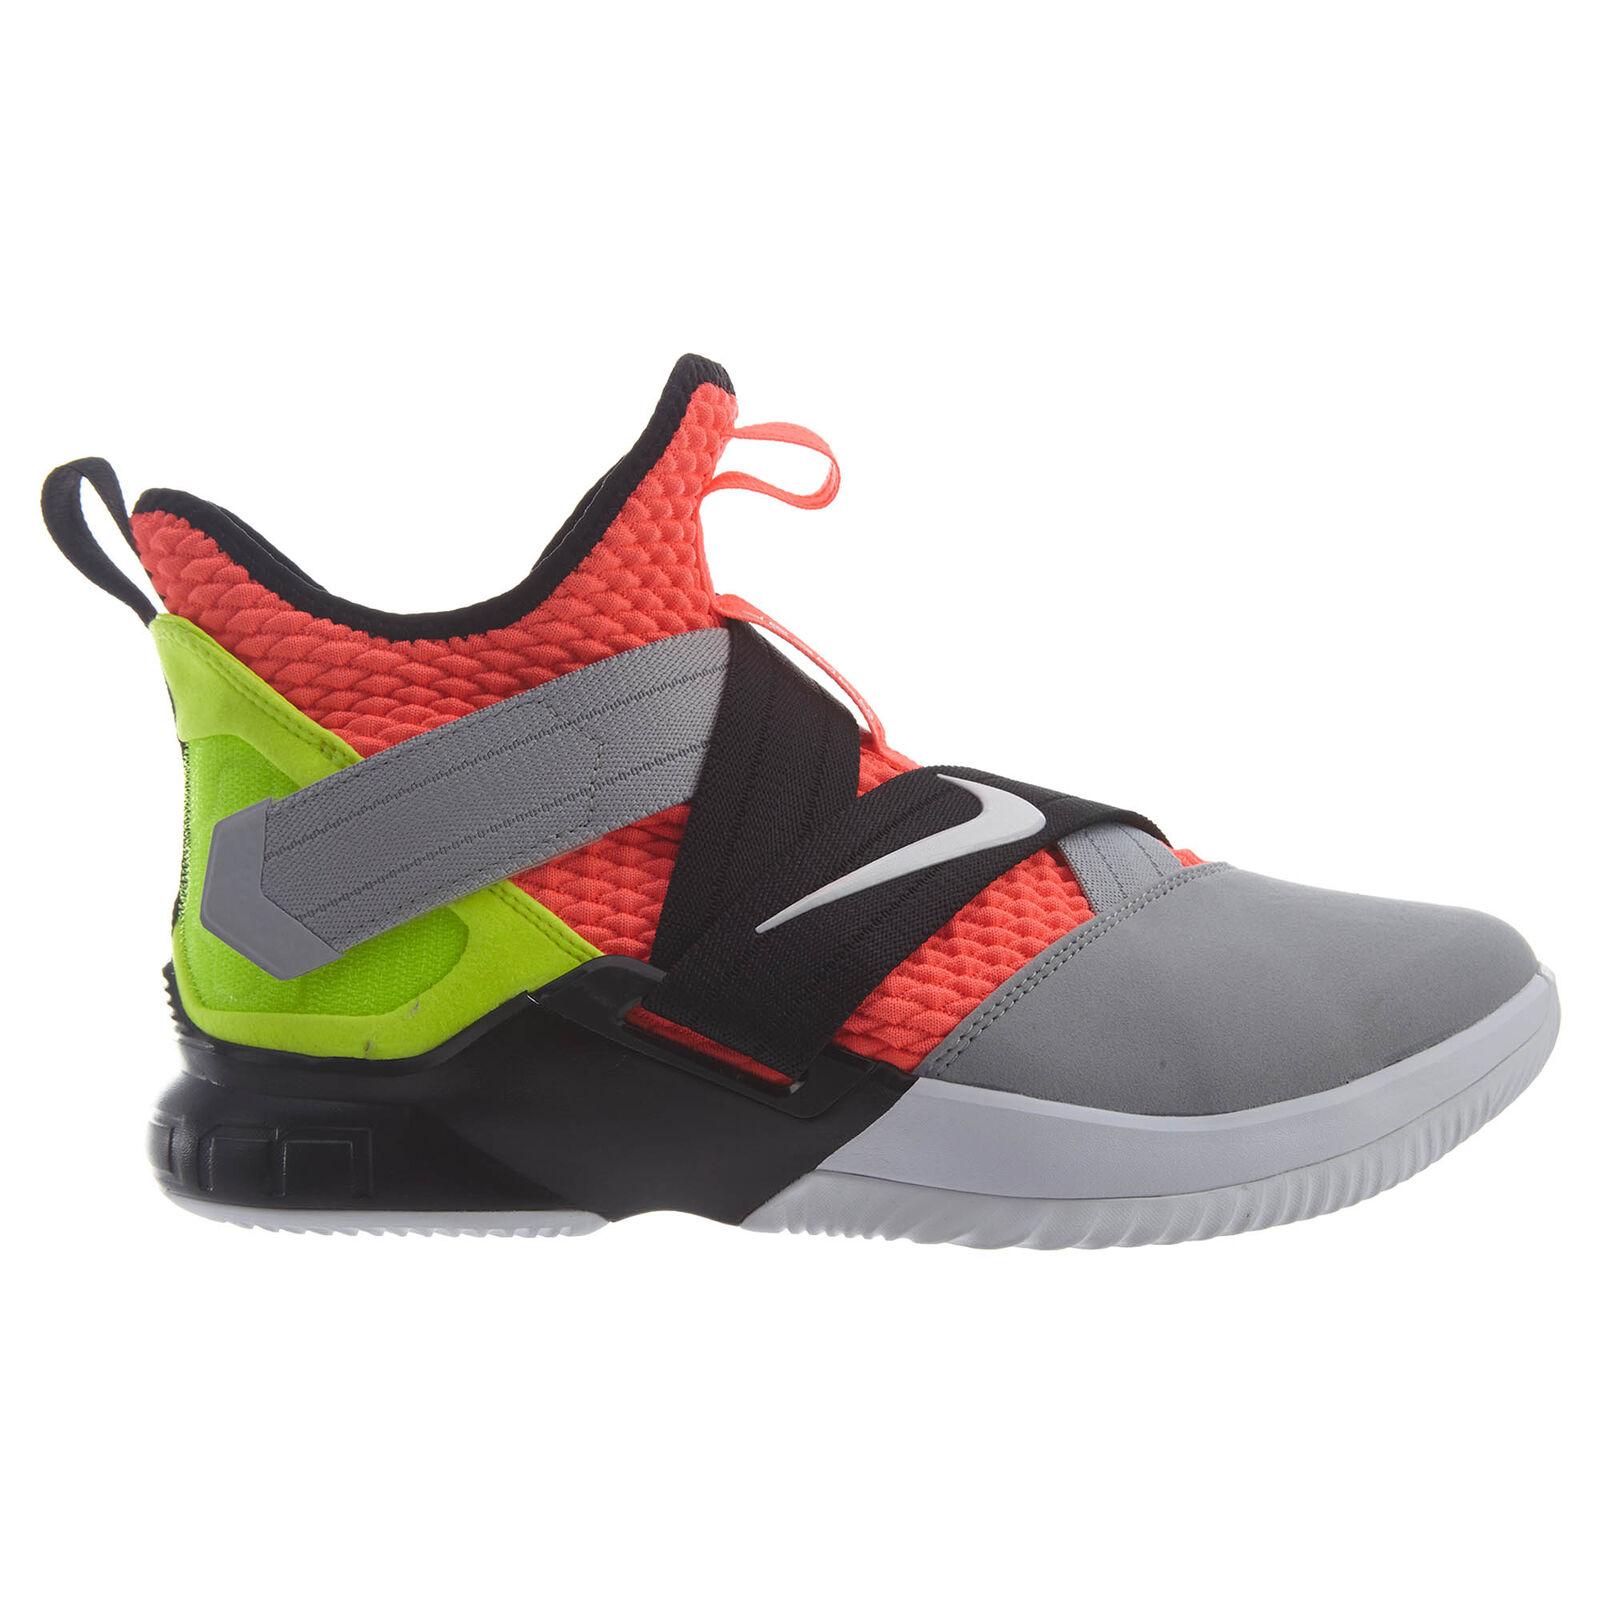 Nike lebron soldat xii sfg sfg sfg mens ao4054-800 lava grau - schwarz - volt - schuhe der größe 11. c11dd3